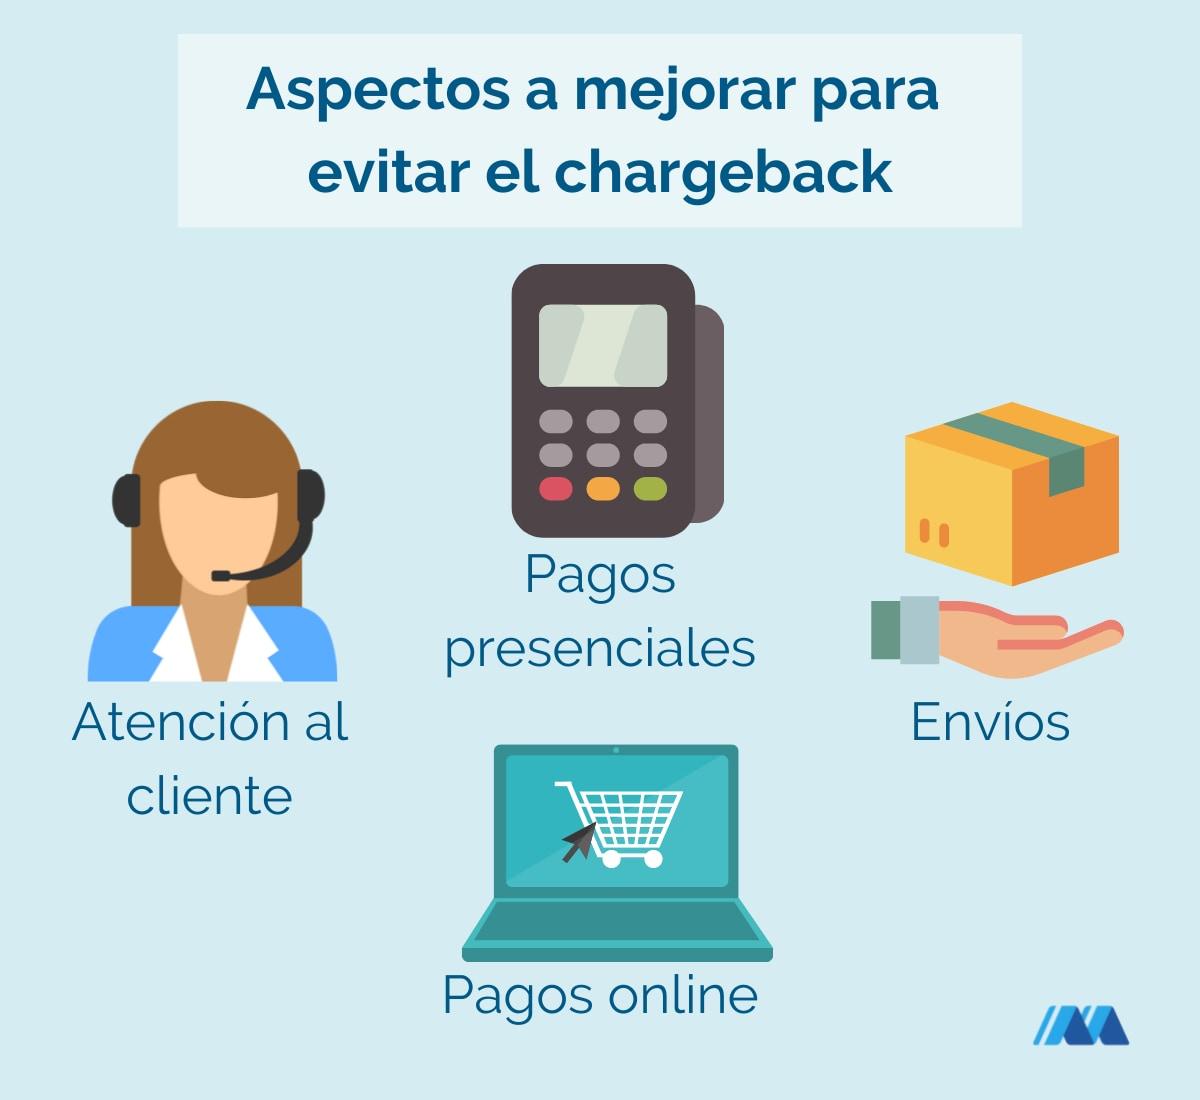 Cómo evitar el chargeback